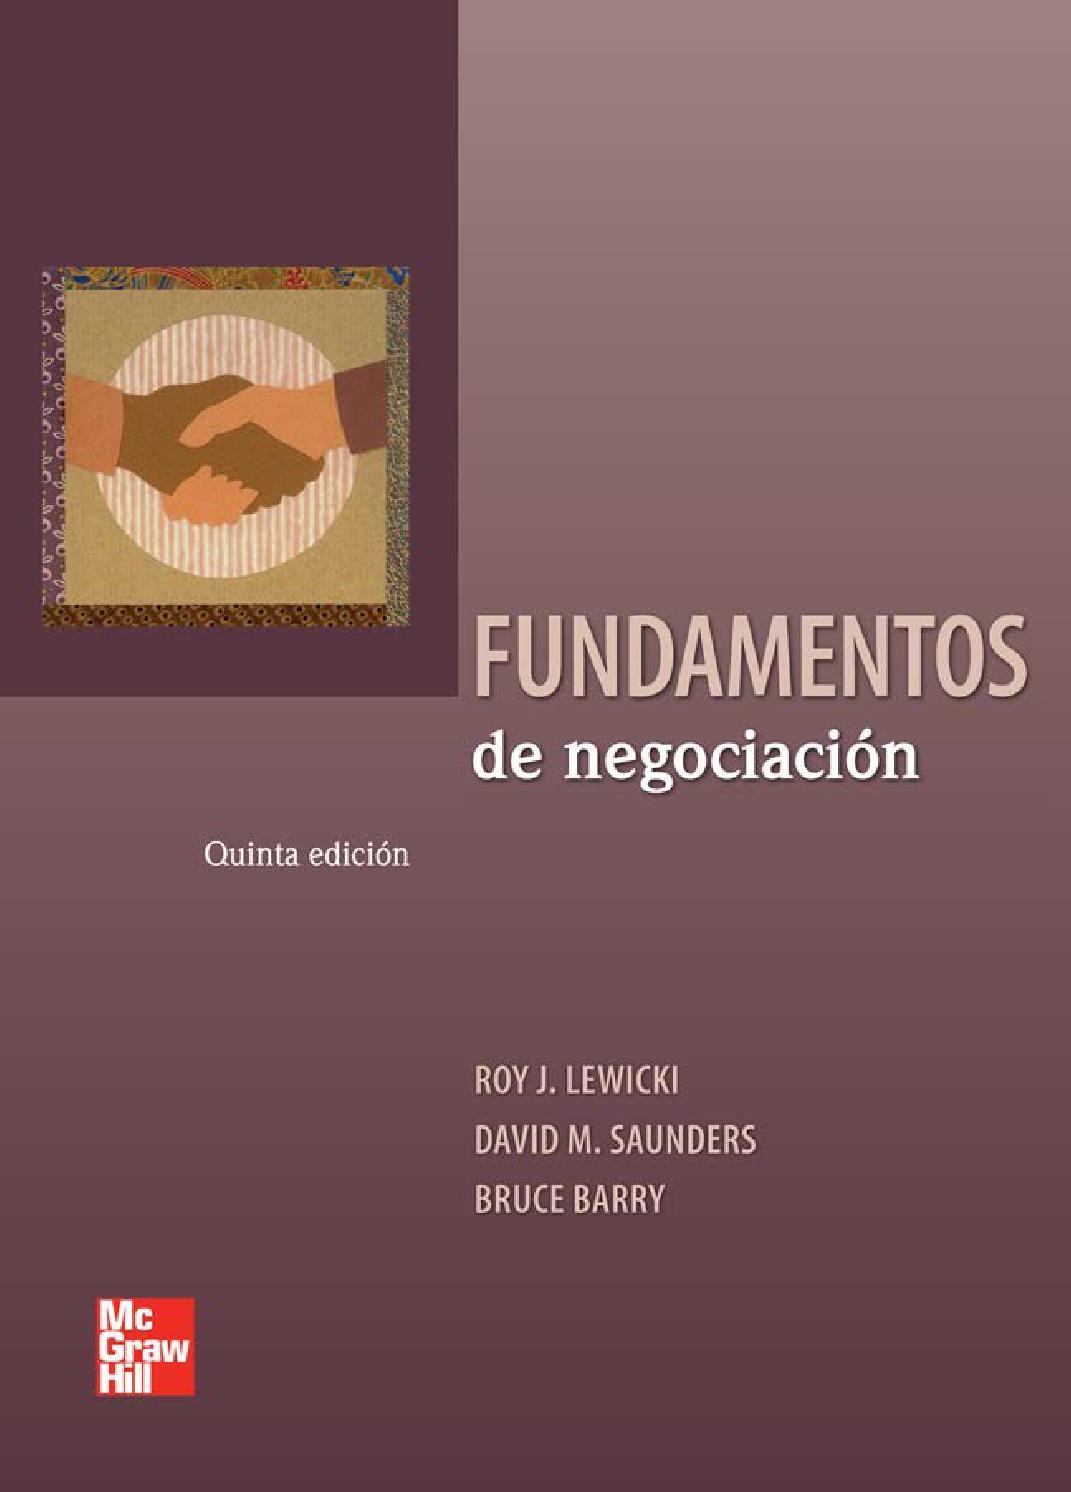 Fundamentos de negociación by Jordy Garcia Mendoza - issuu